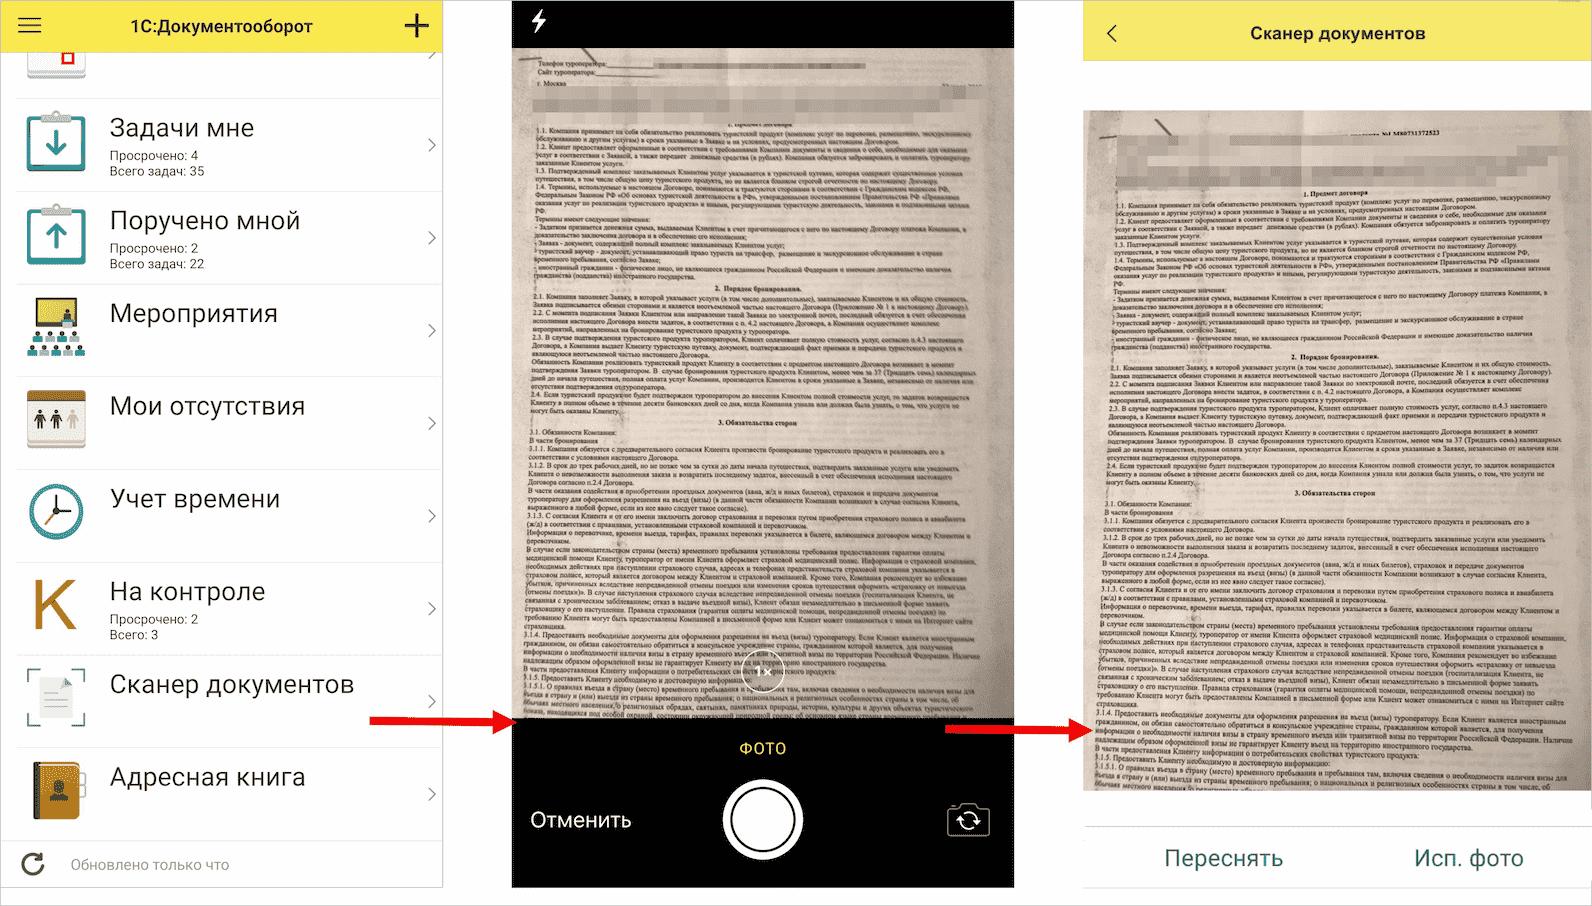 Мобильный сканер документов в 1С Документооборот